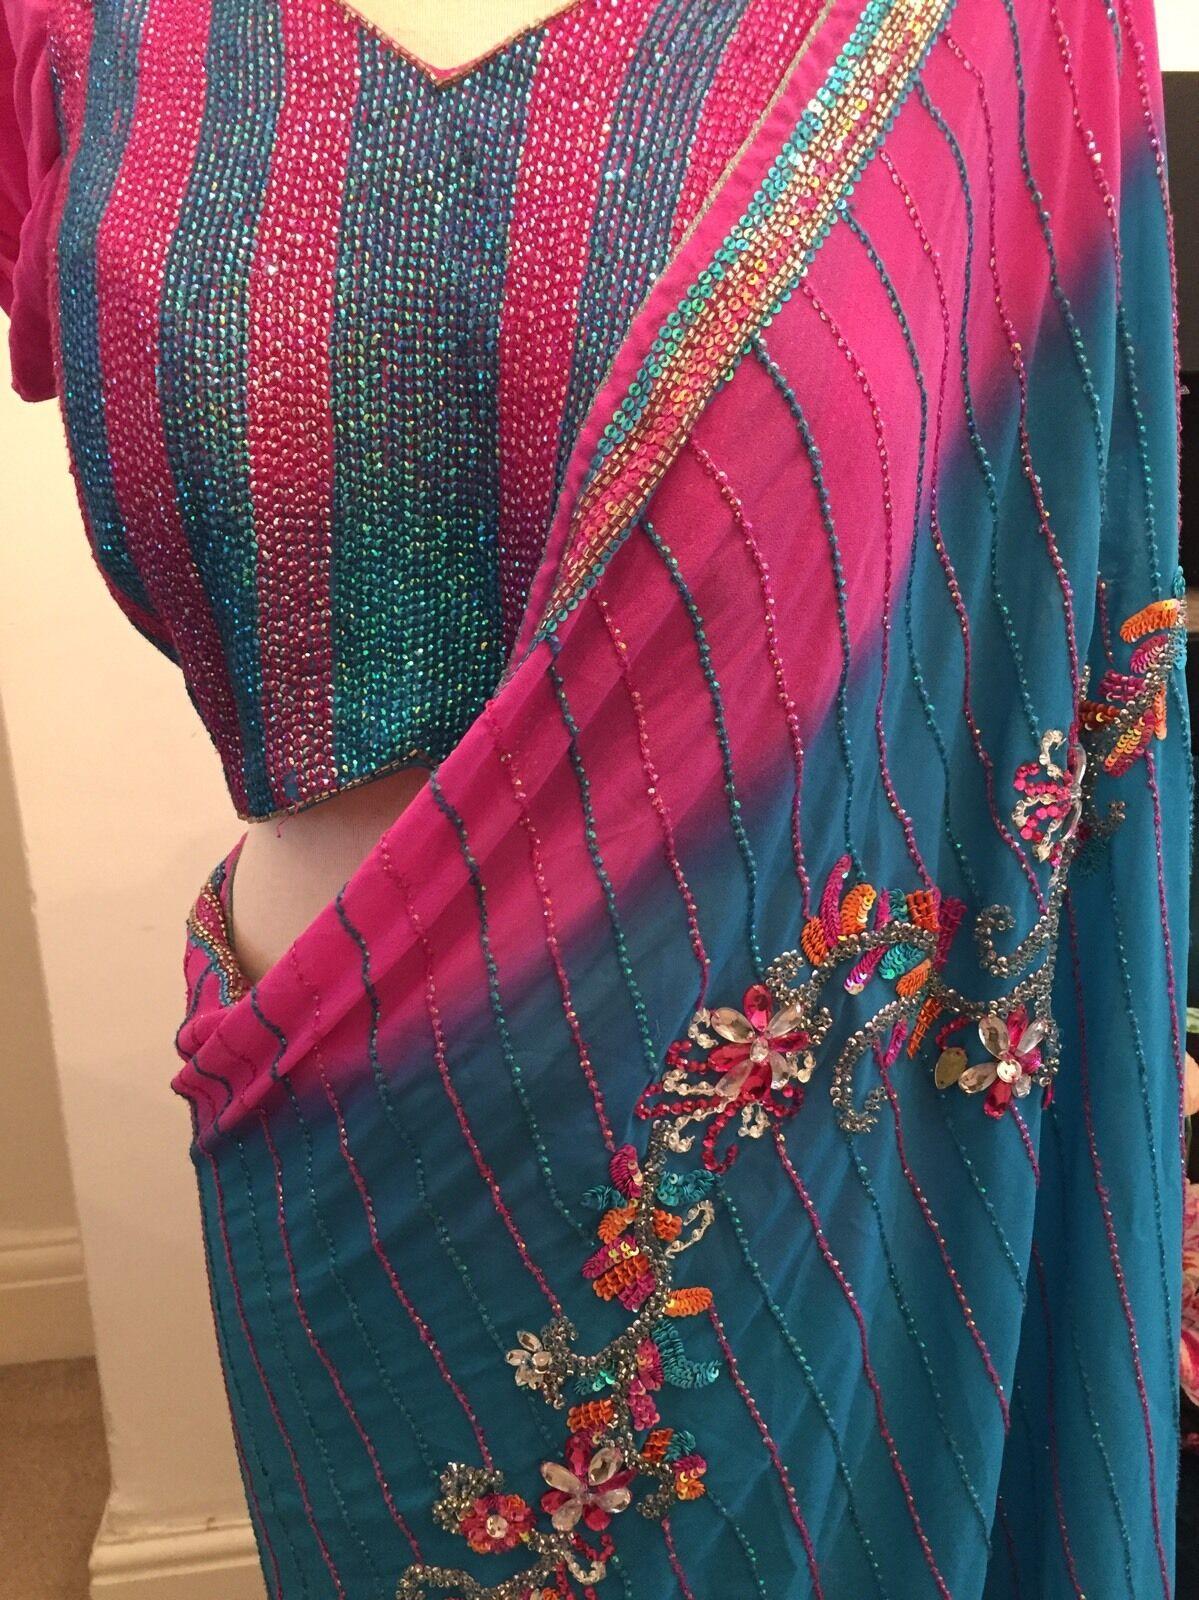 Taglia Taglia Taglia LARGE Mongas Southall BELLA Designer Sari Bollywood Matrimonio Blu rosa a69c39